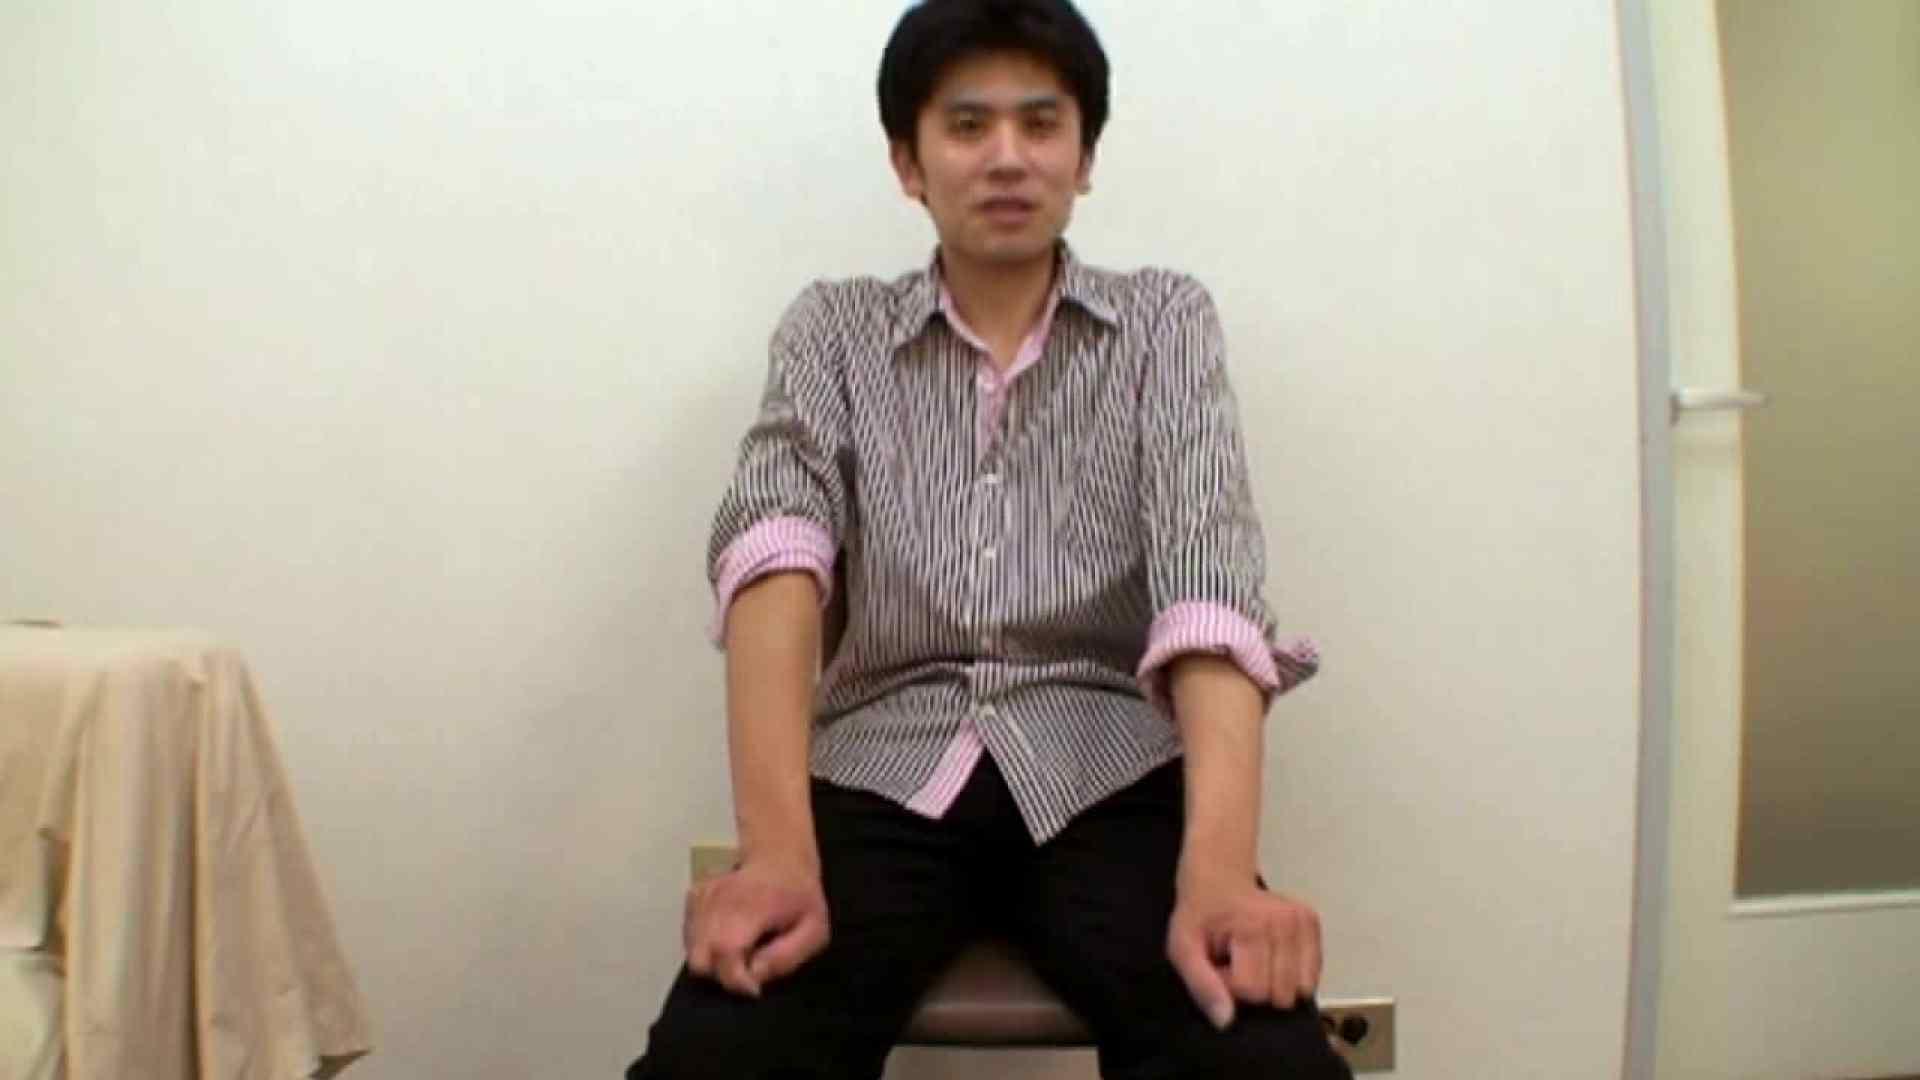 イケメンにタンクトップにオナニー 手コキ AV動画 61枚 28